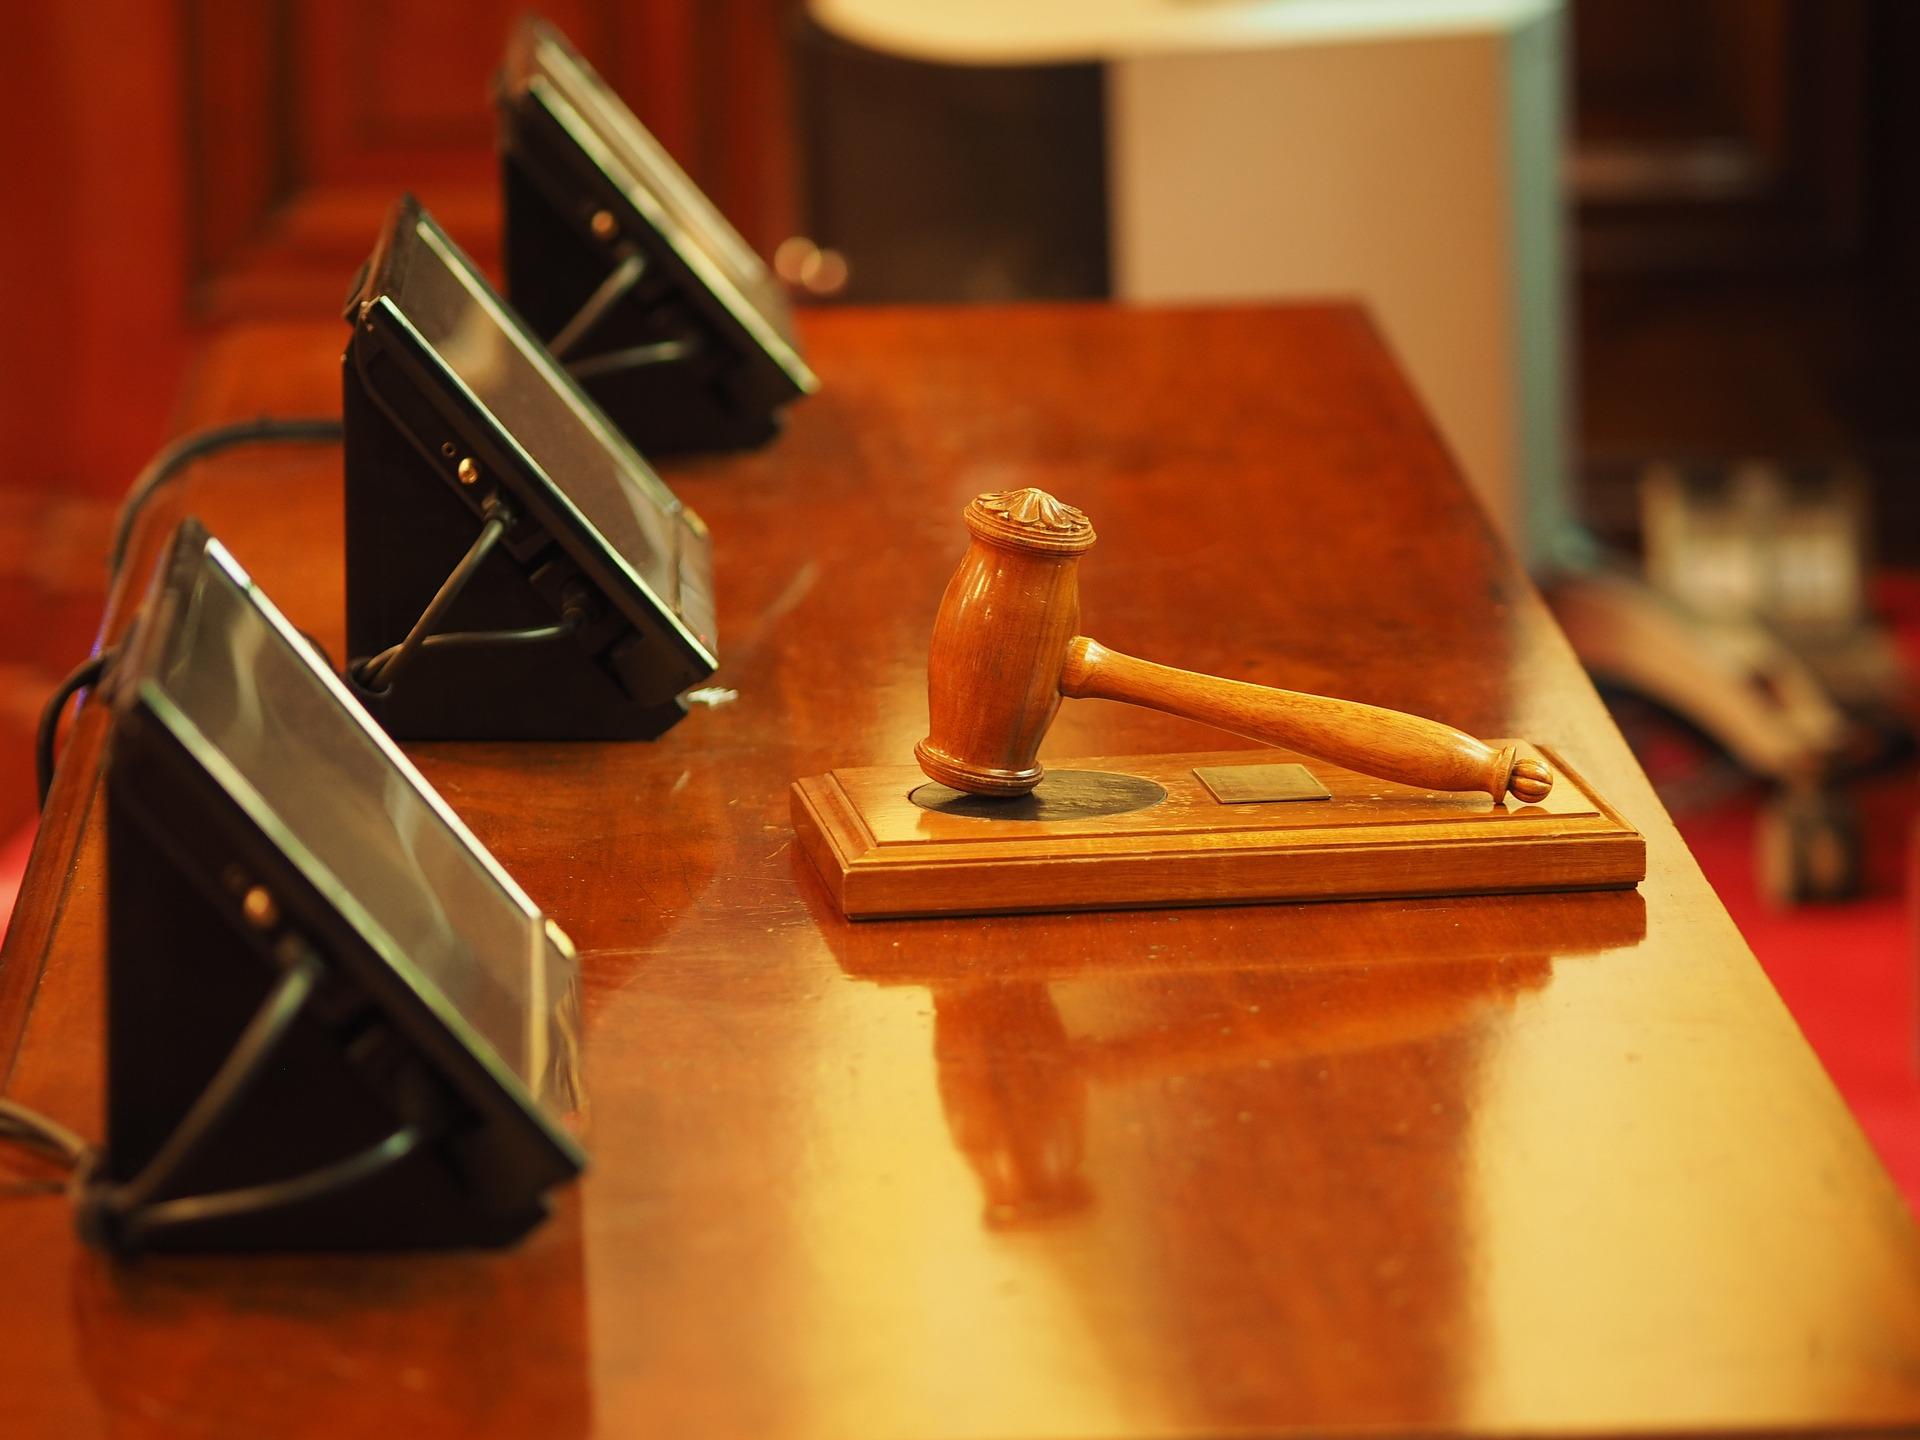 800 giorni in carcere da innocente: imprenditore vesuviano assolto dall'accusa di omicidio